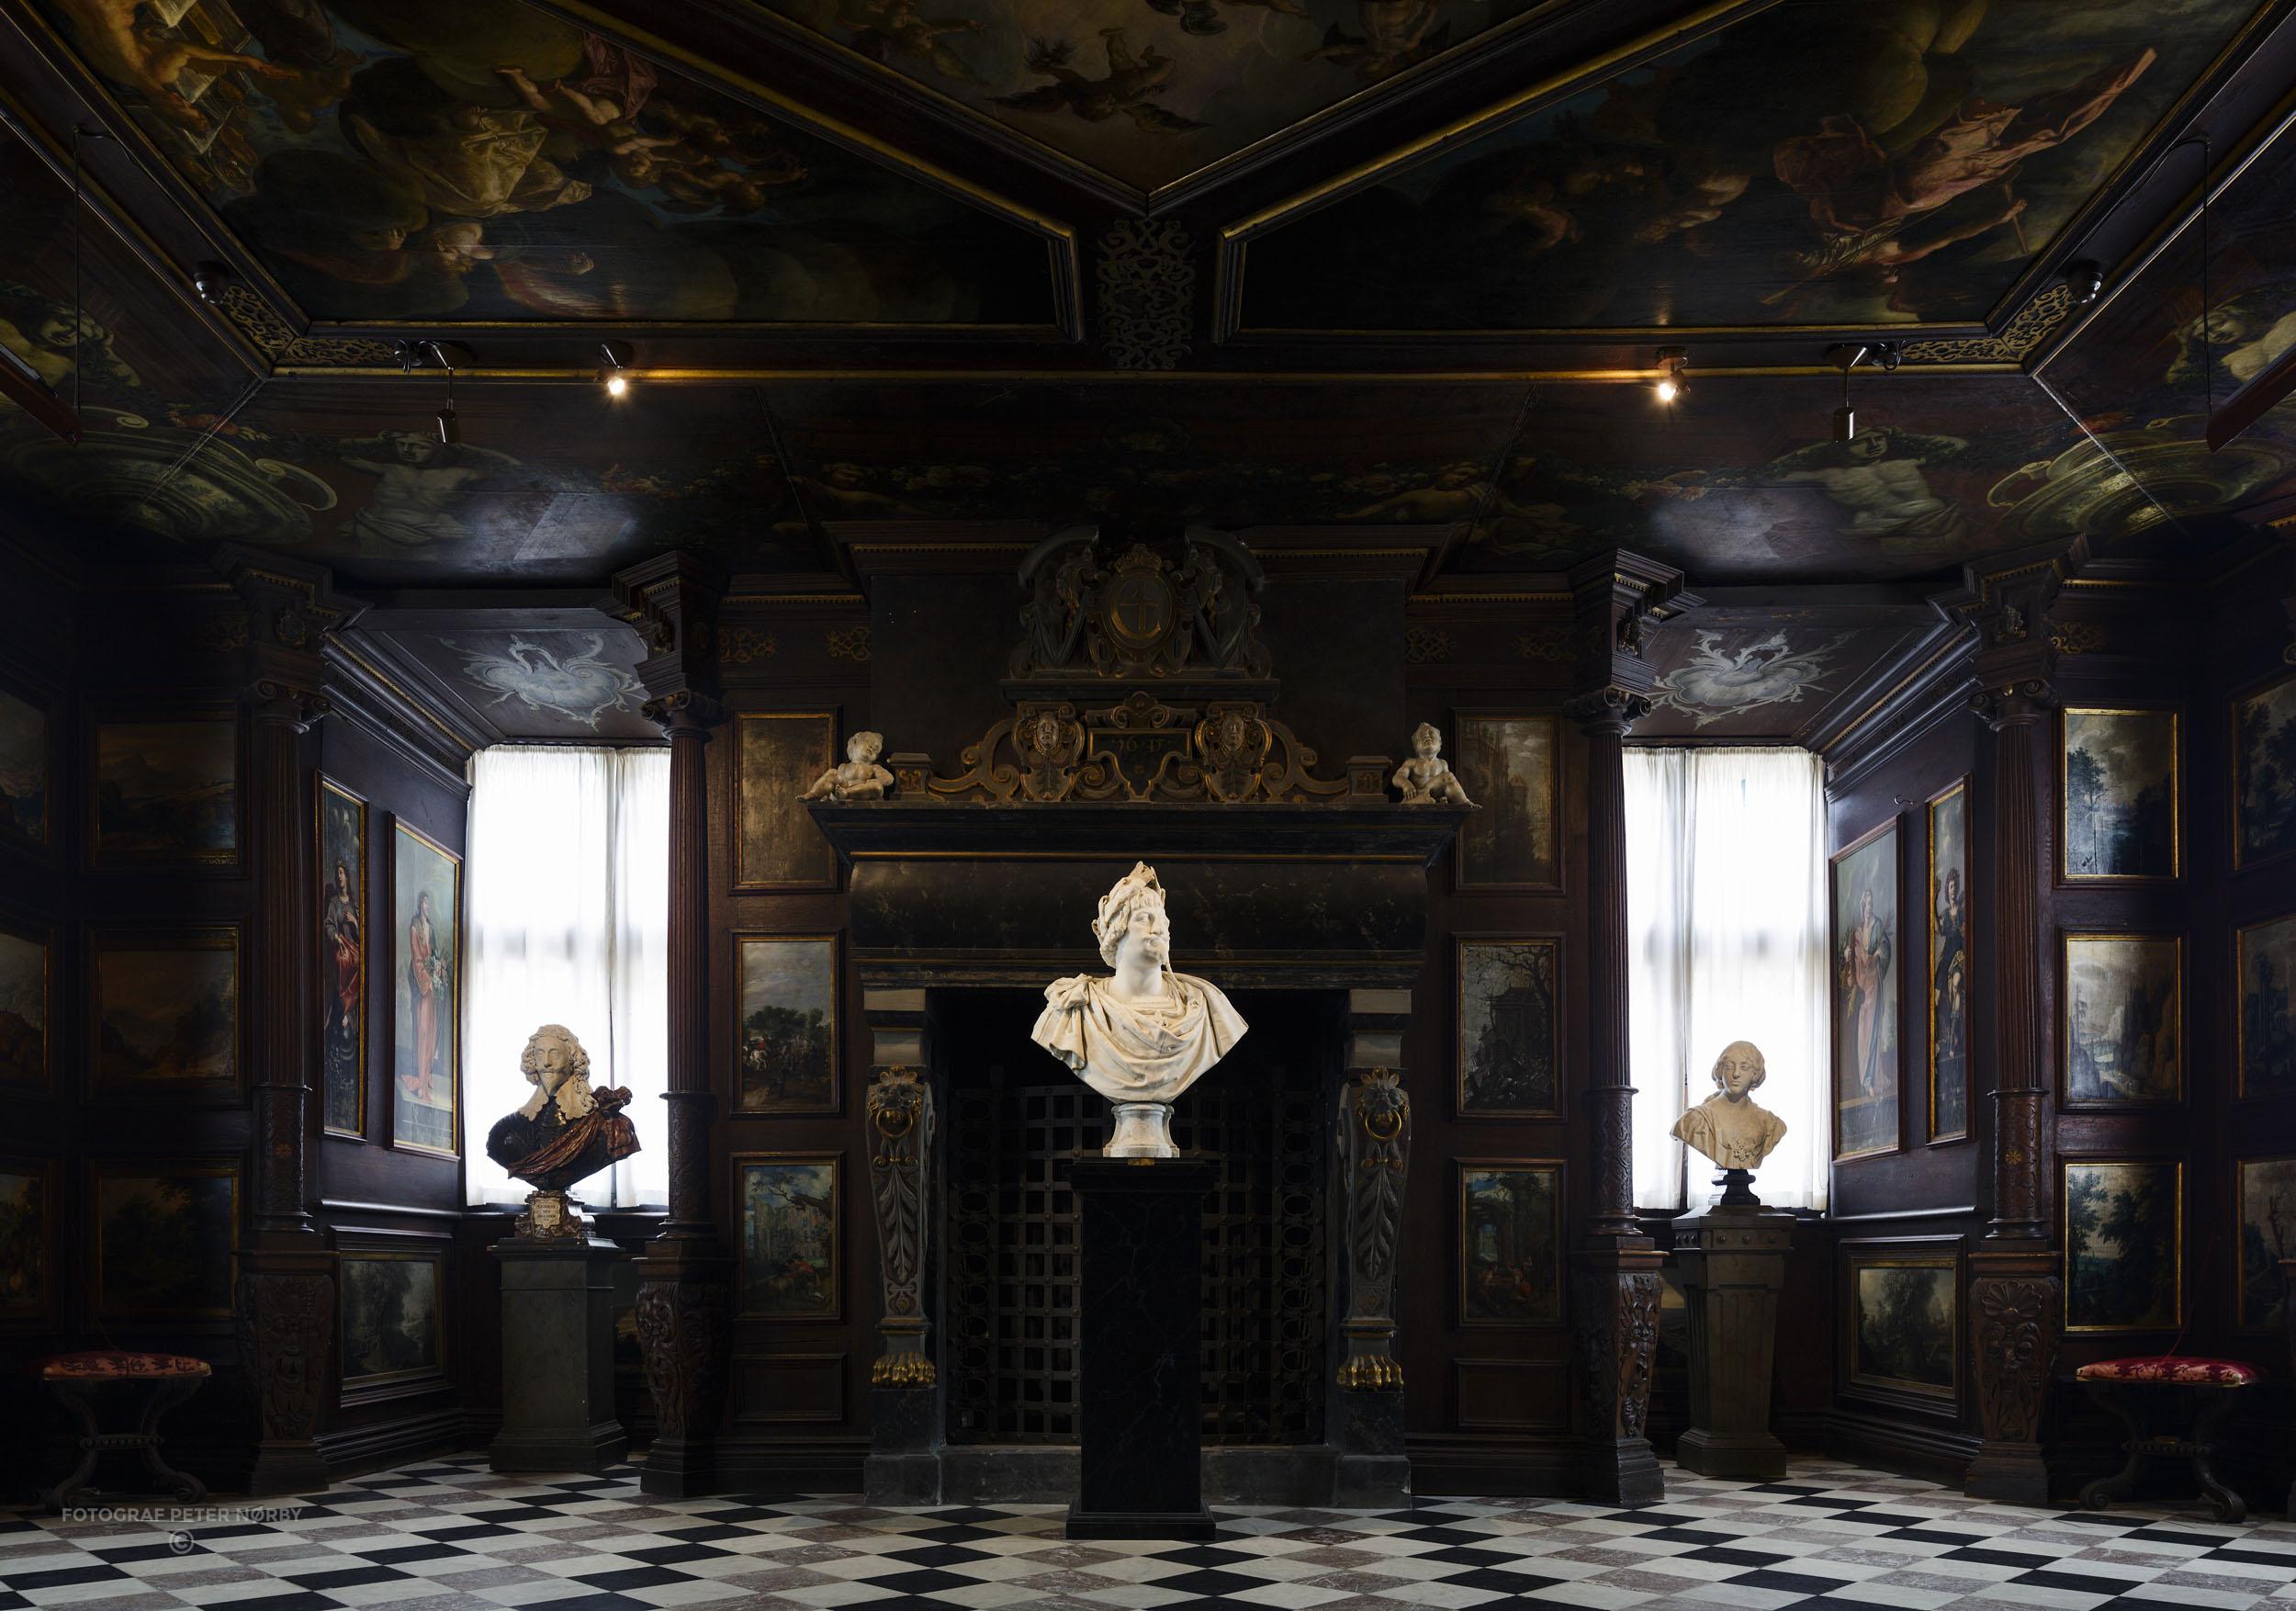 Rosenborg_Room1_10.jpg